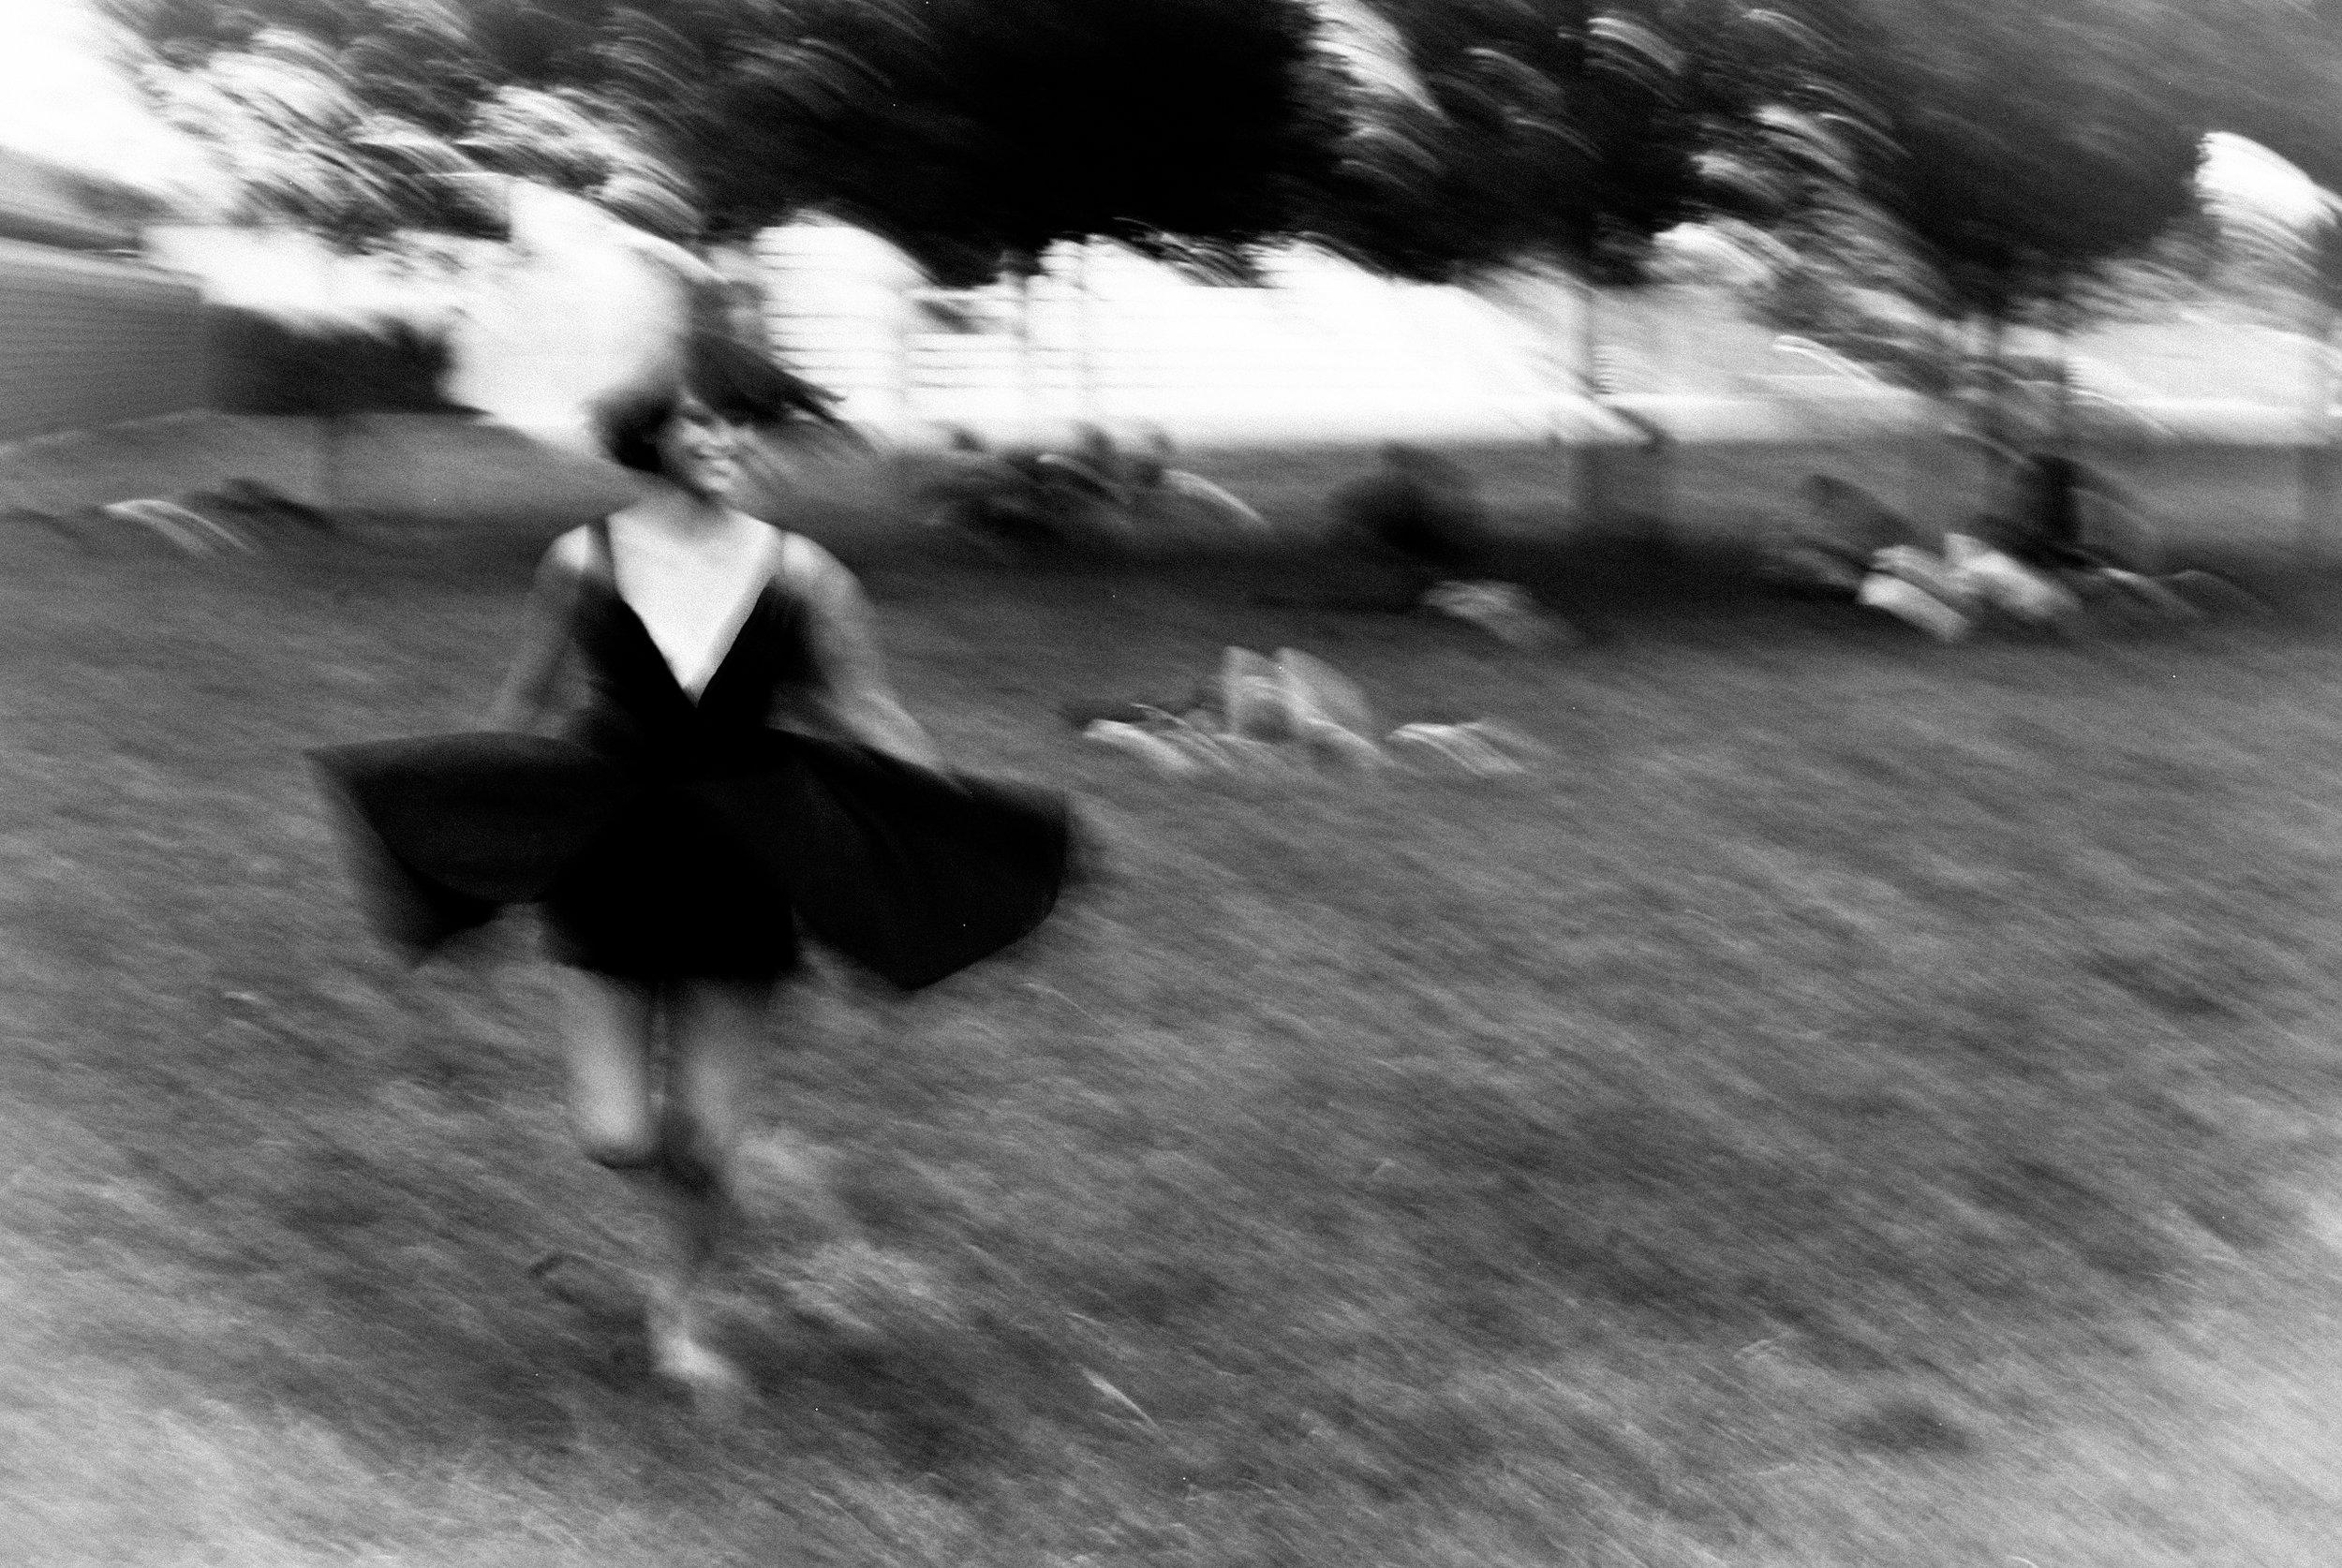 Paris sort kjole